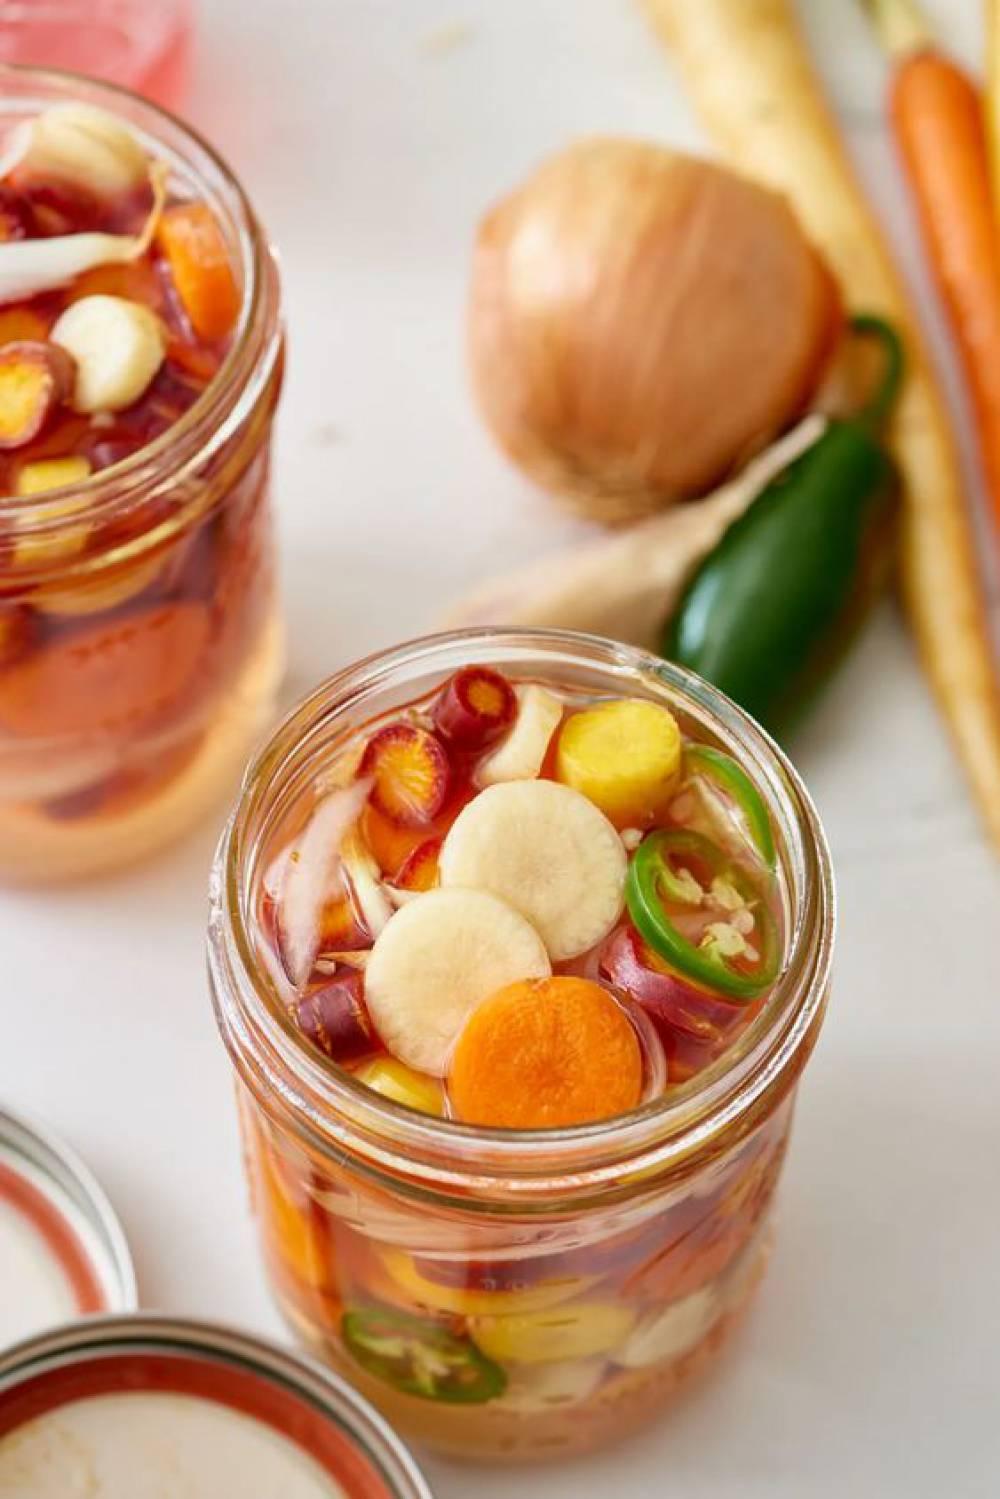 ترشی هویج مکزیکی ، با طعمی که در خاطر میماند